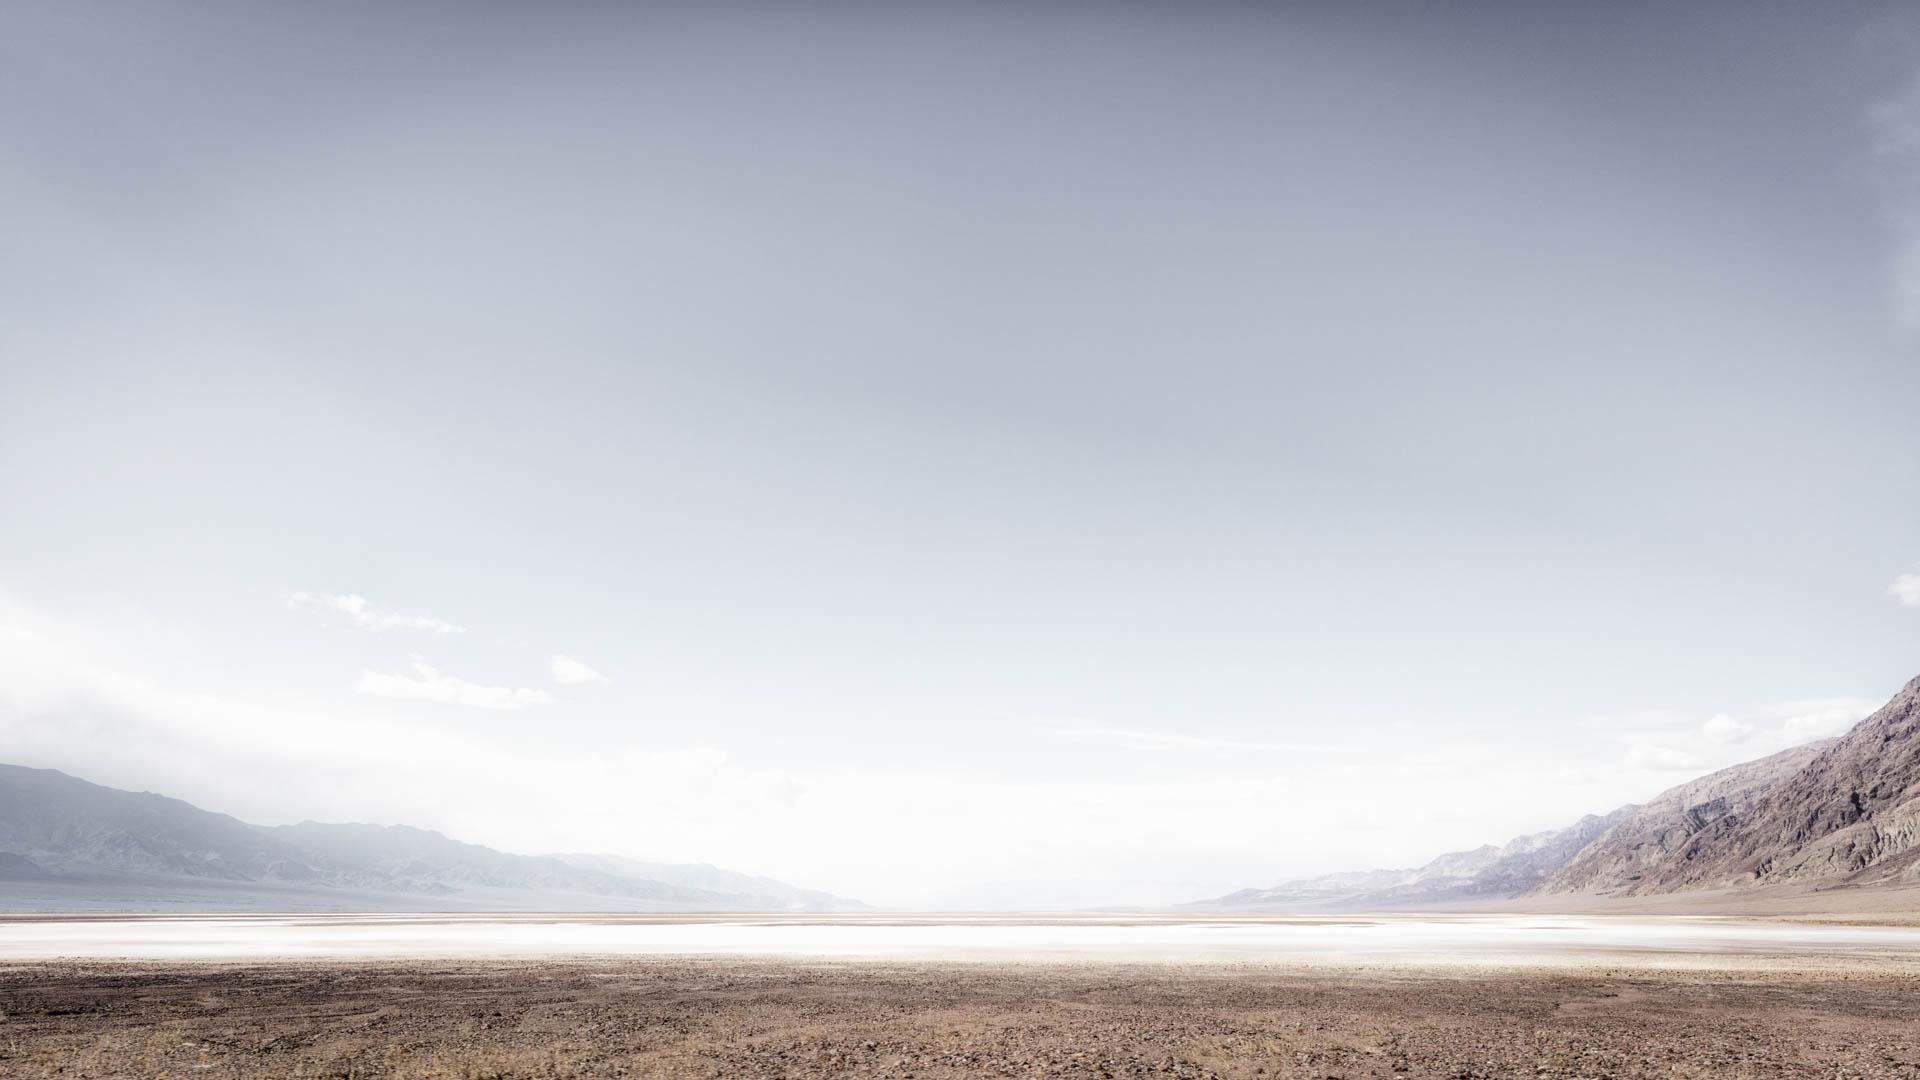 LDKphoto - Death Valley - 23.jpg